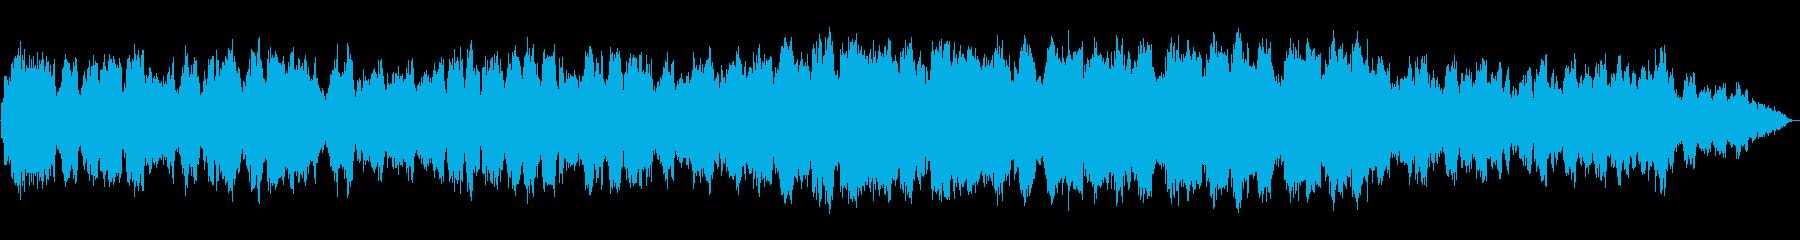 低音の笛の幻想的なゆったりとしたBGMの再生済みの波形